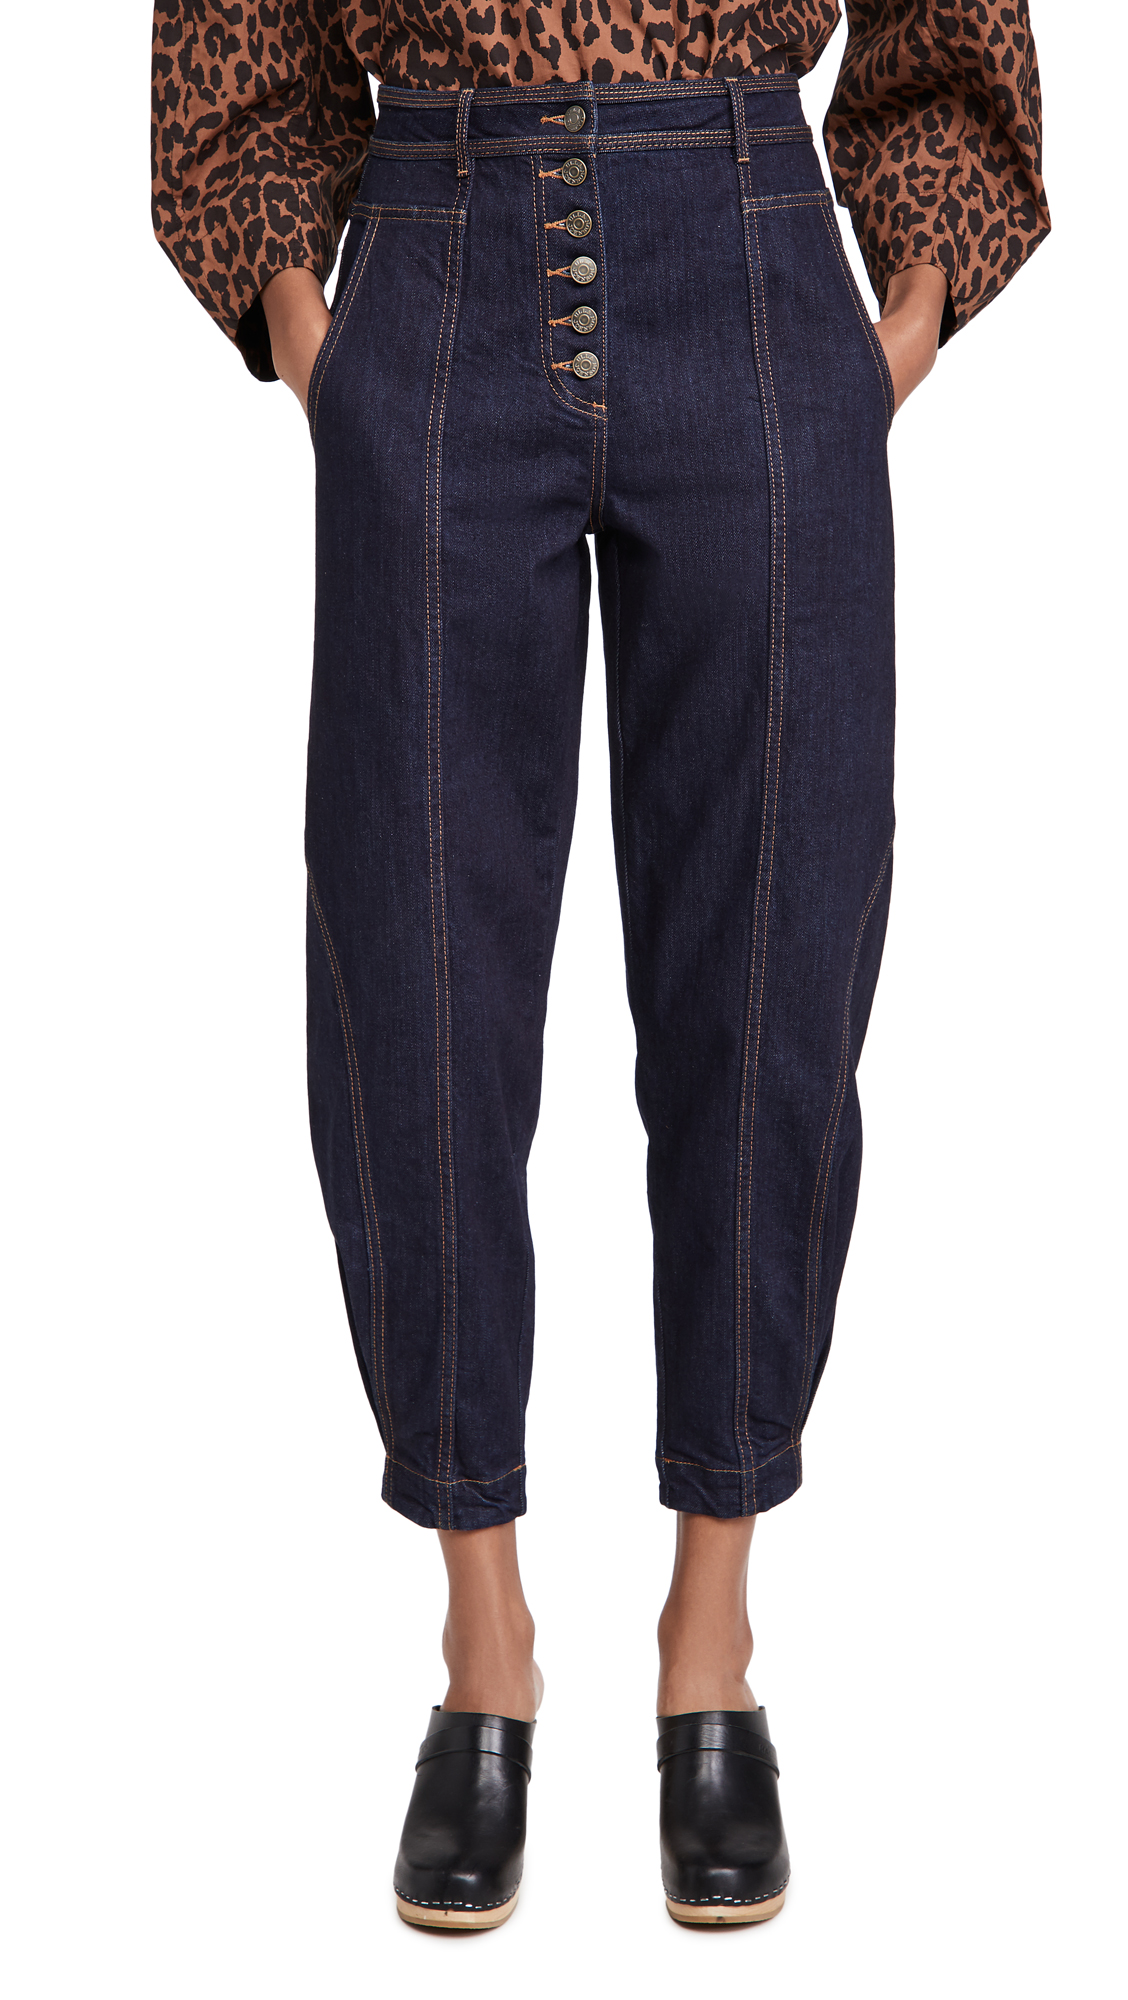 Ulla Johnson Keaton Jeans